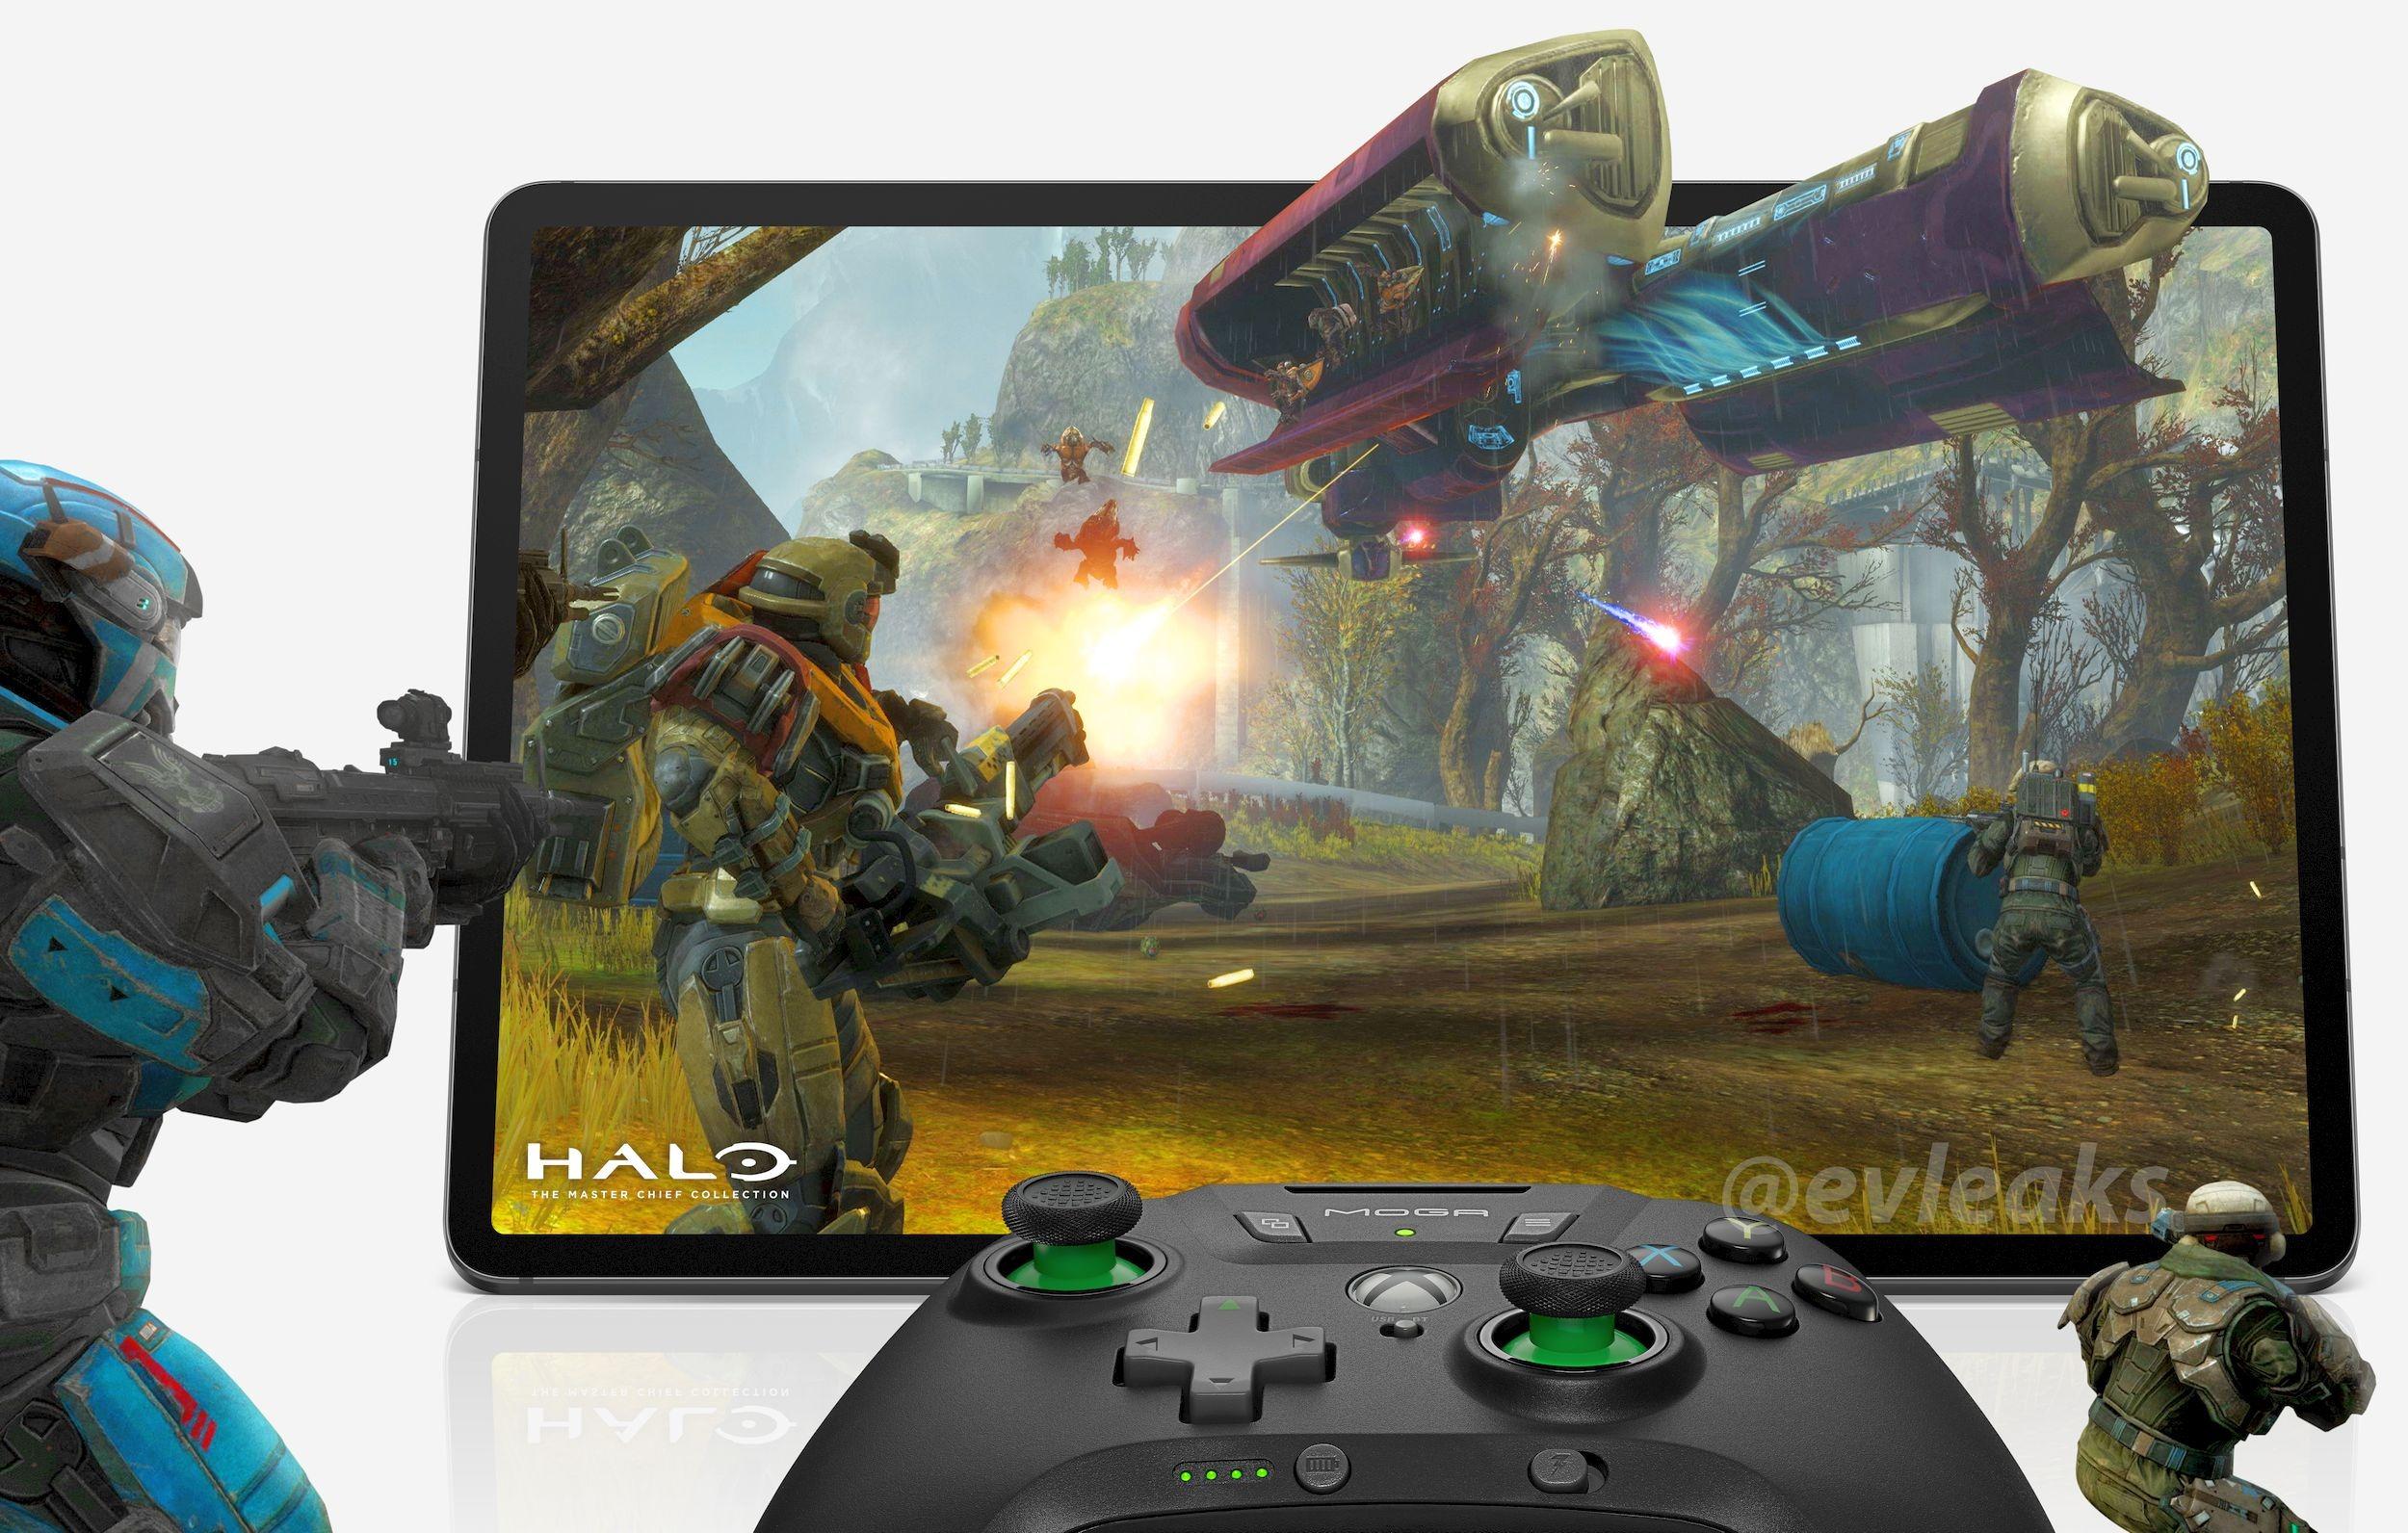 Halo: The Master Chief Collection będzie dostępne na tablety Samsung Galaxy Tab S7, dzięki xCloud 18 Galaxy Tab S7